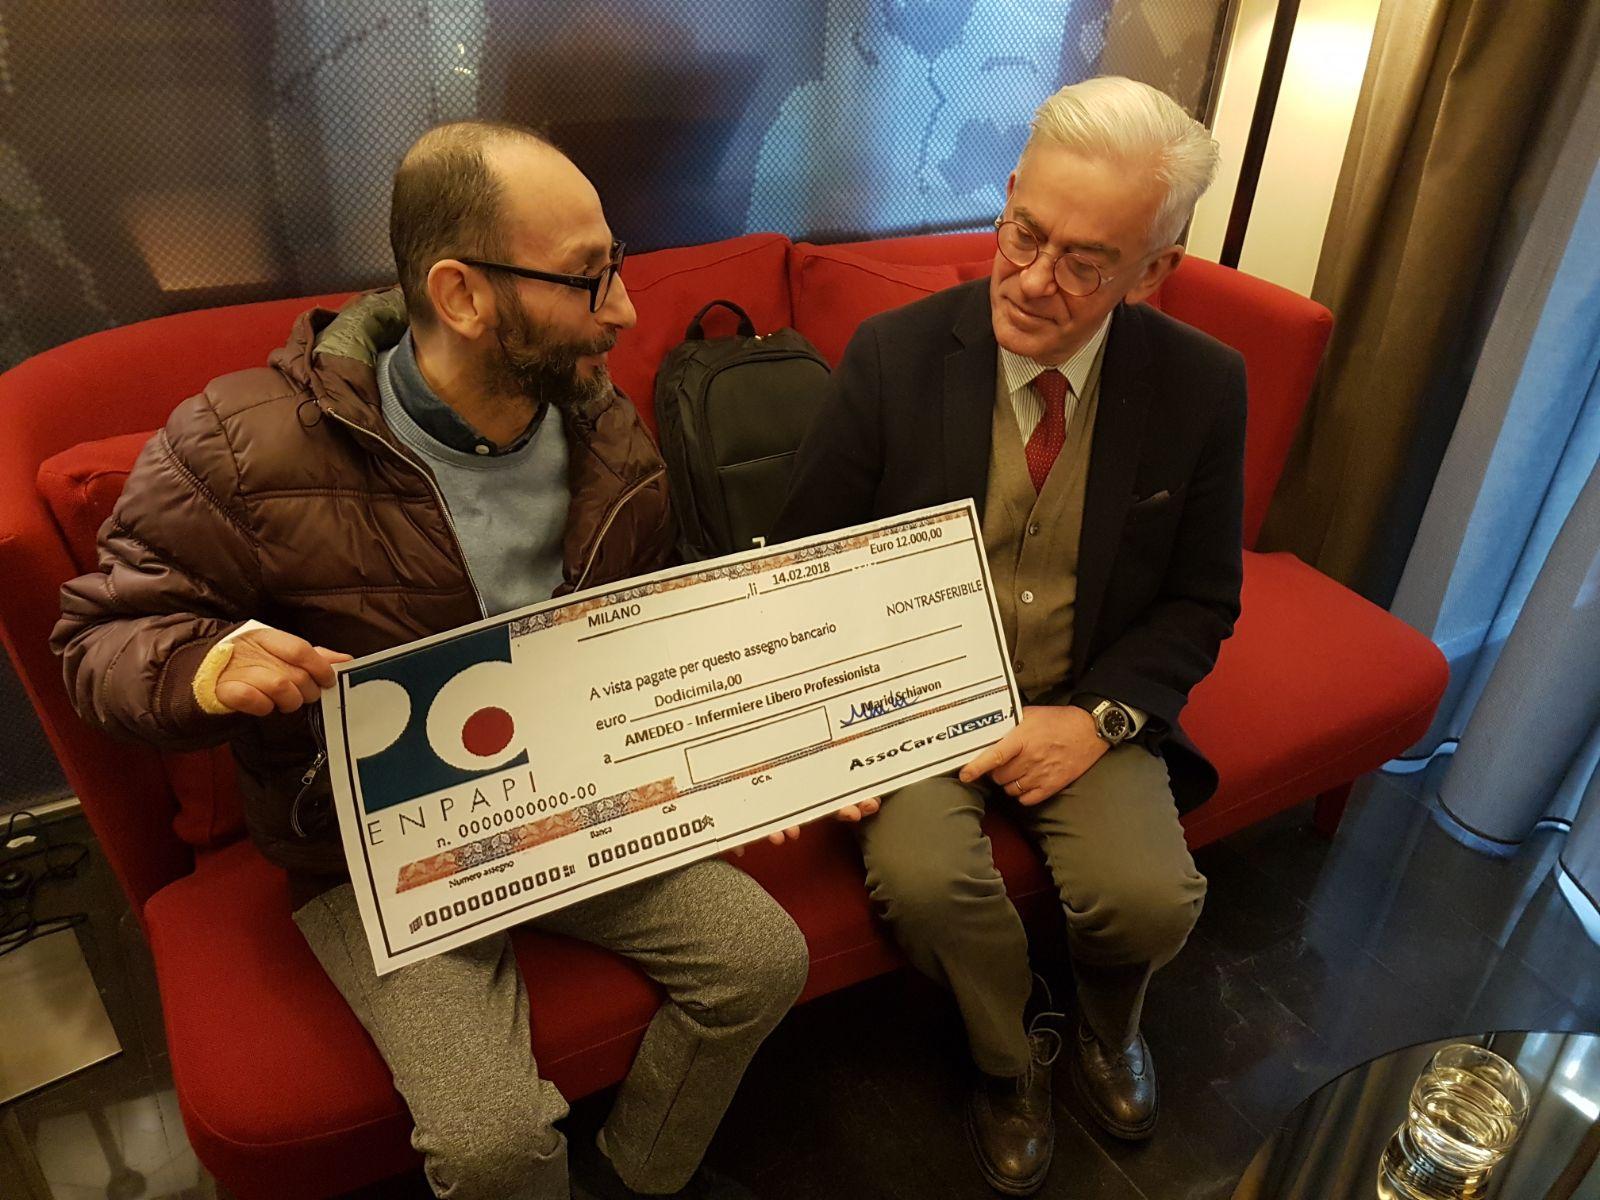 Amedeo riceve l'assegno simbolico di 12.000 euro dal presidente dell'ENPAPI Mario Schiavon.